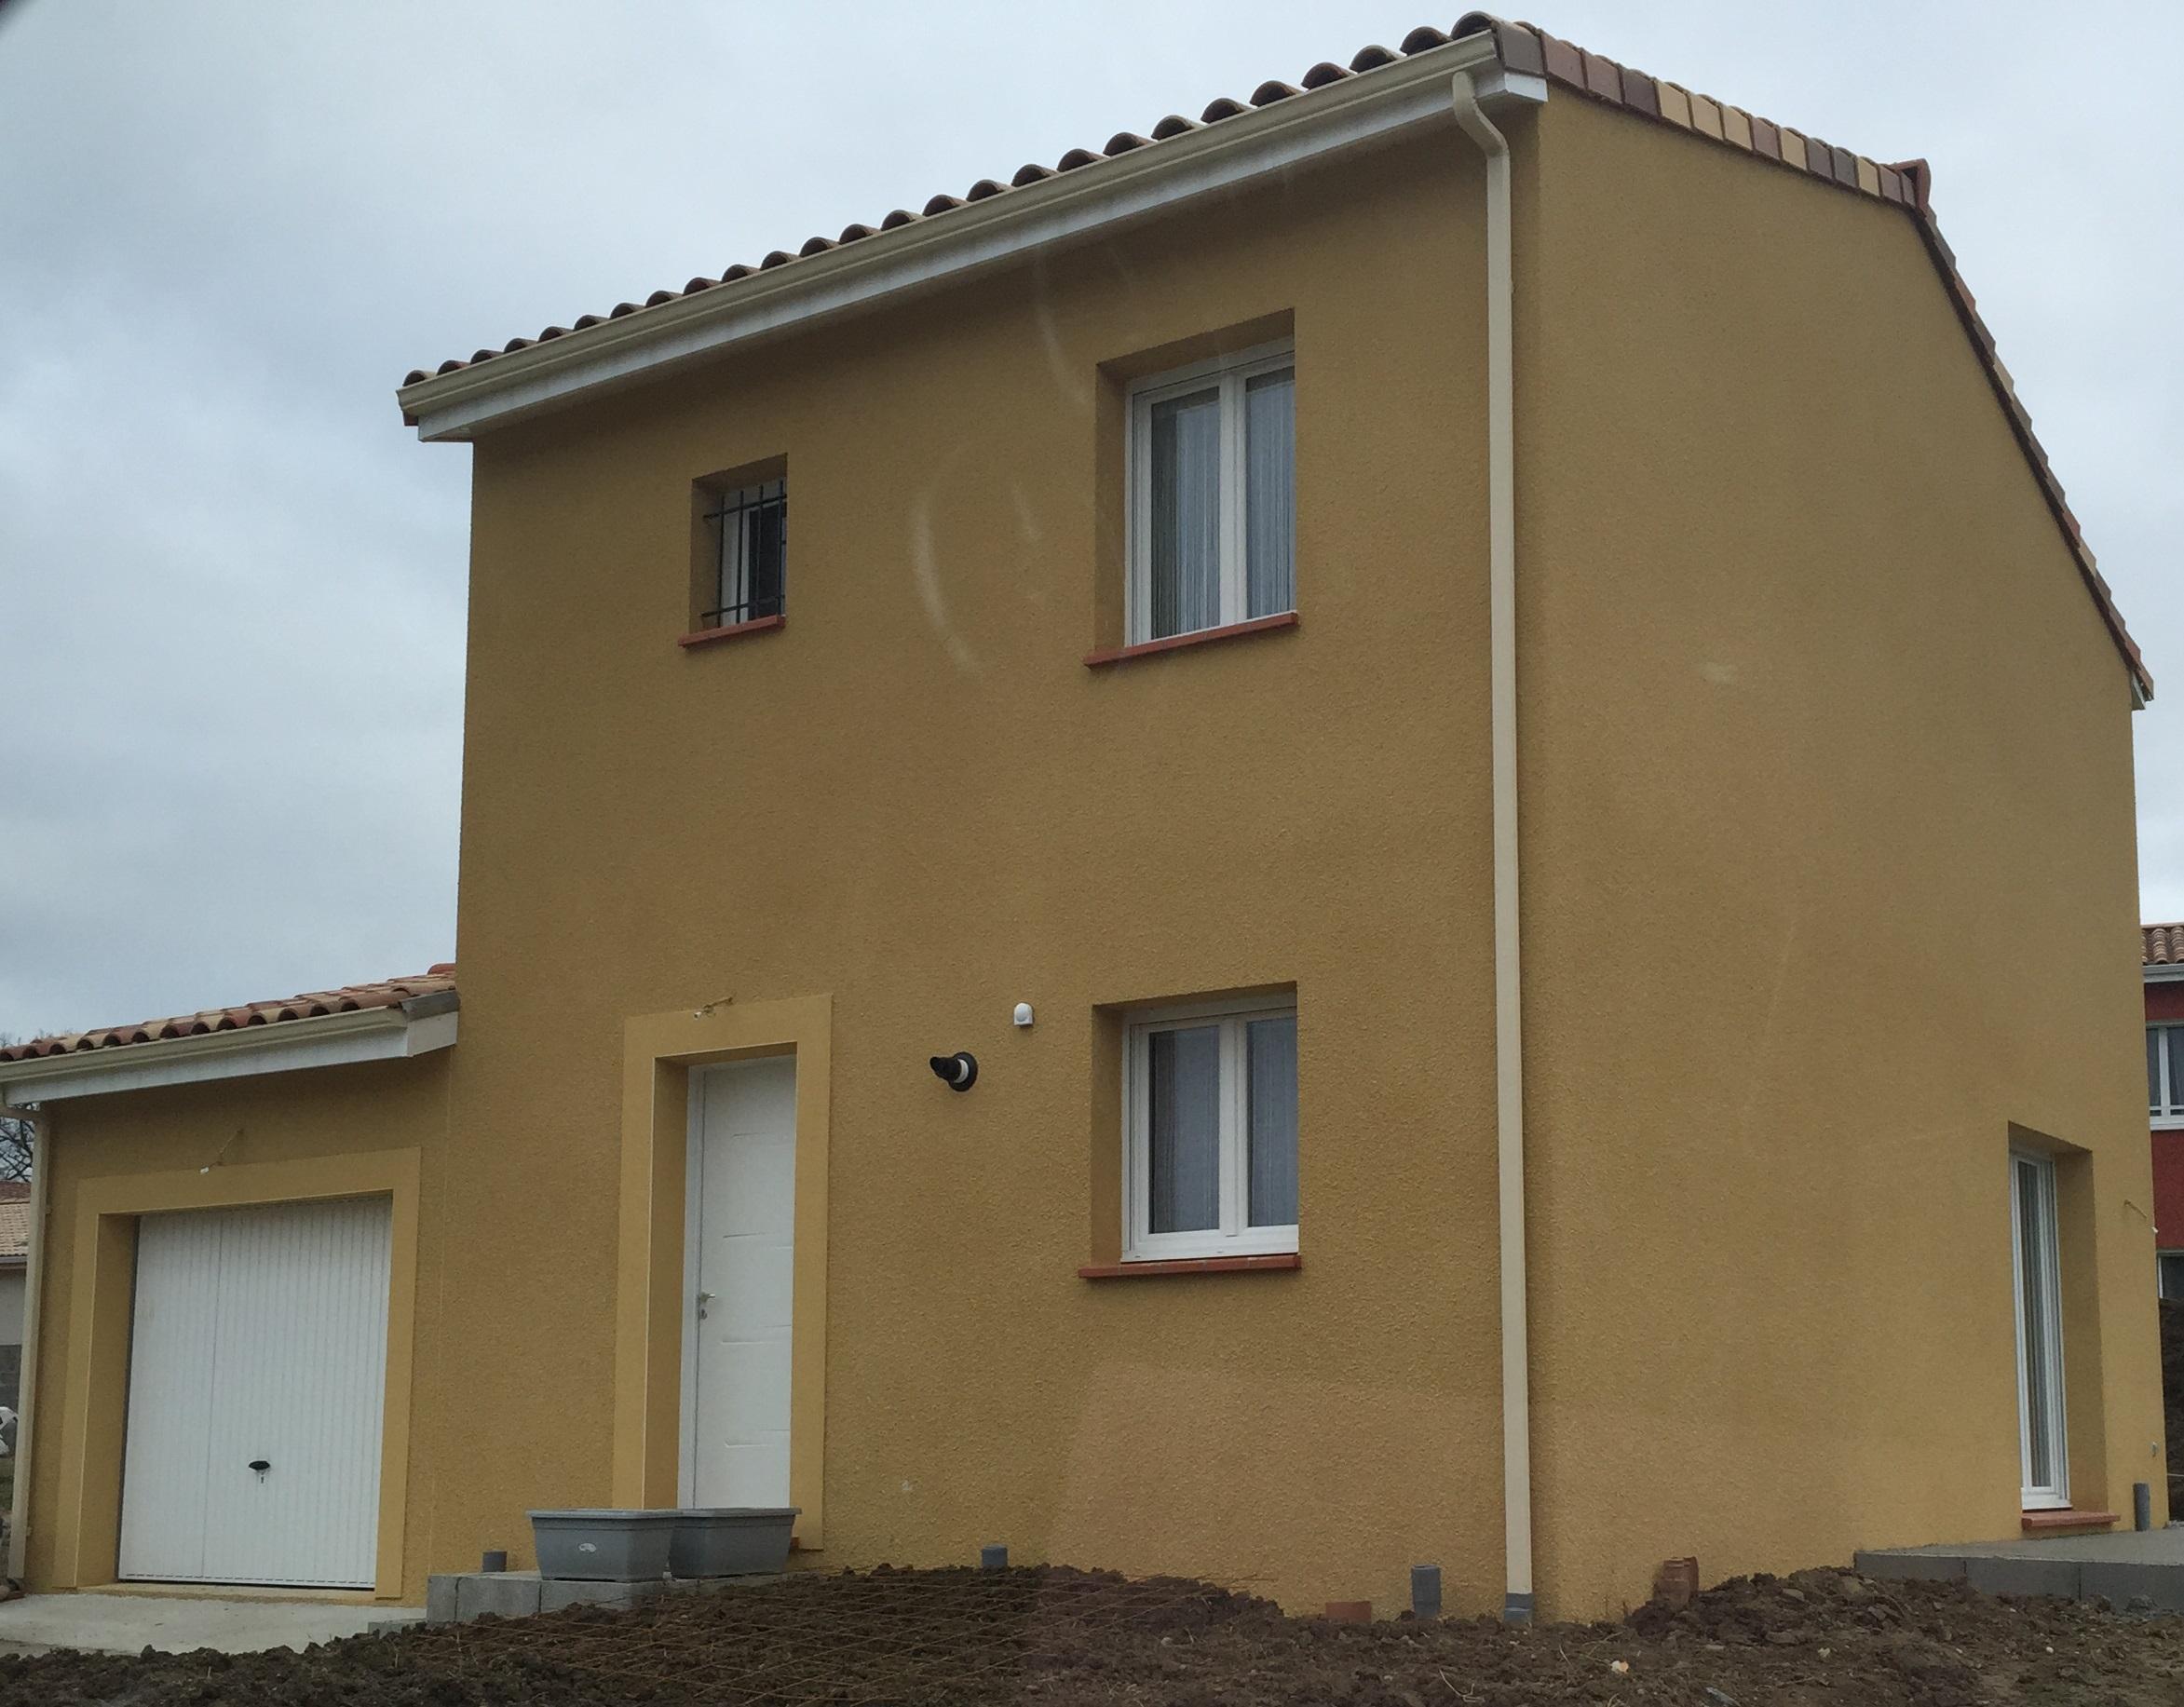 Maison à étage réalisée par Top Duo Toulouse